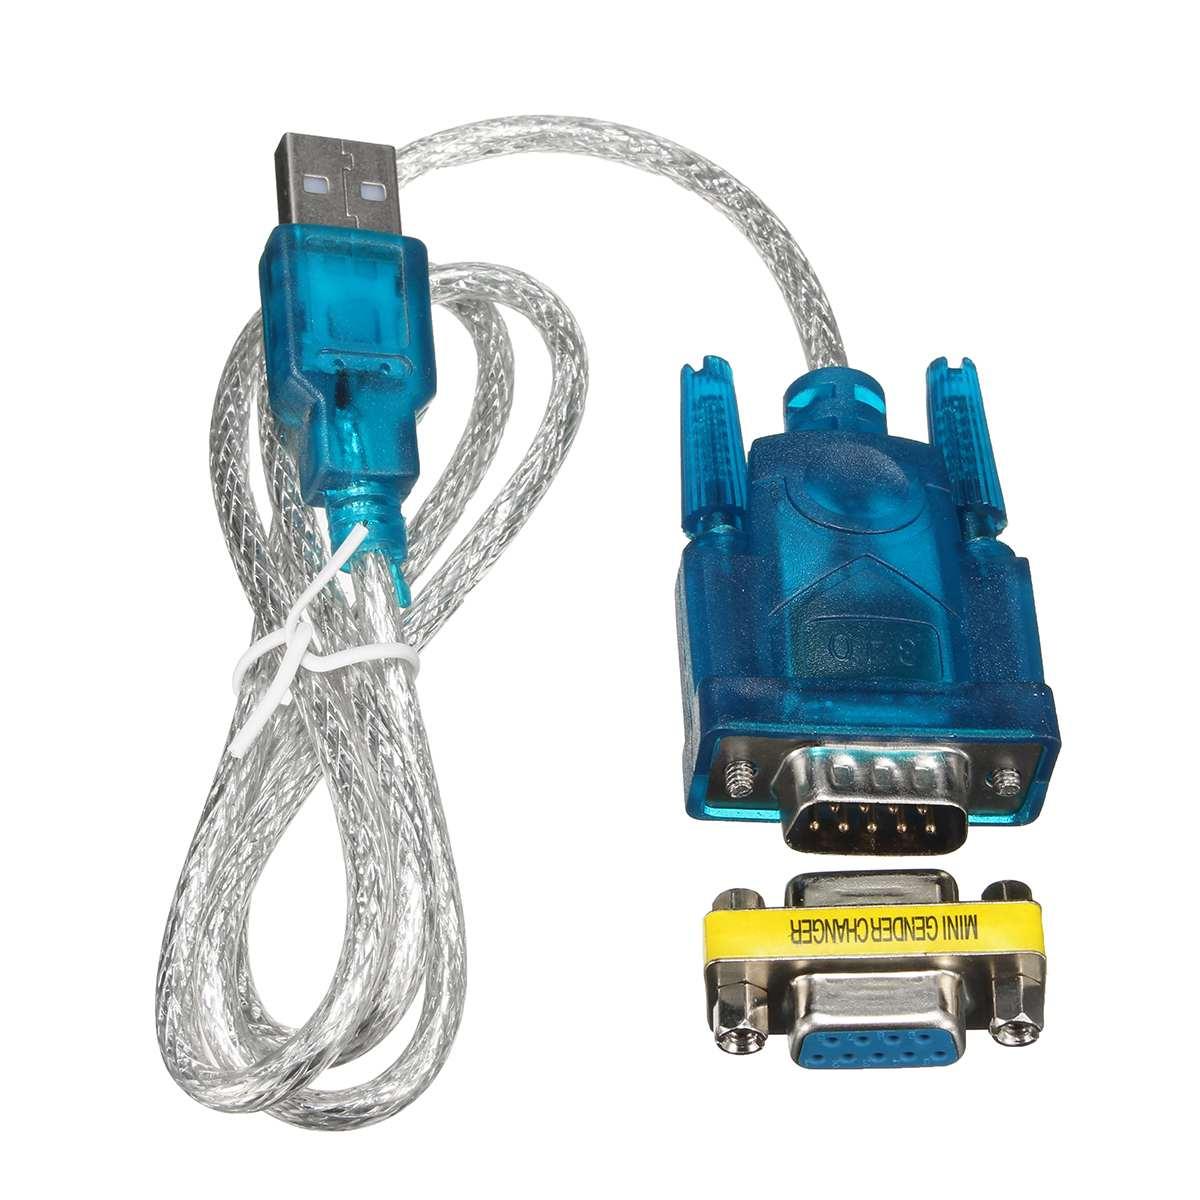 USB Vers RS232 Port Série 9 Broches DB9 Câble Série COM Port Adaptateur Convertisseur Avec Adaptateur Femelle Prend En Charge Pour Windows 8 Pas De CD